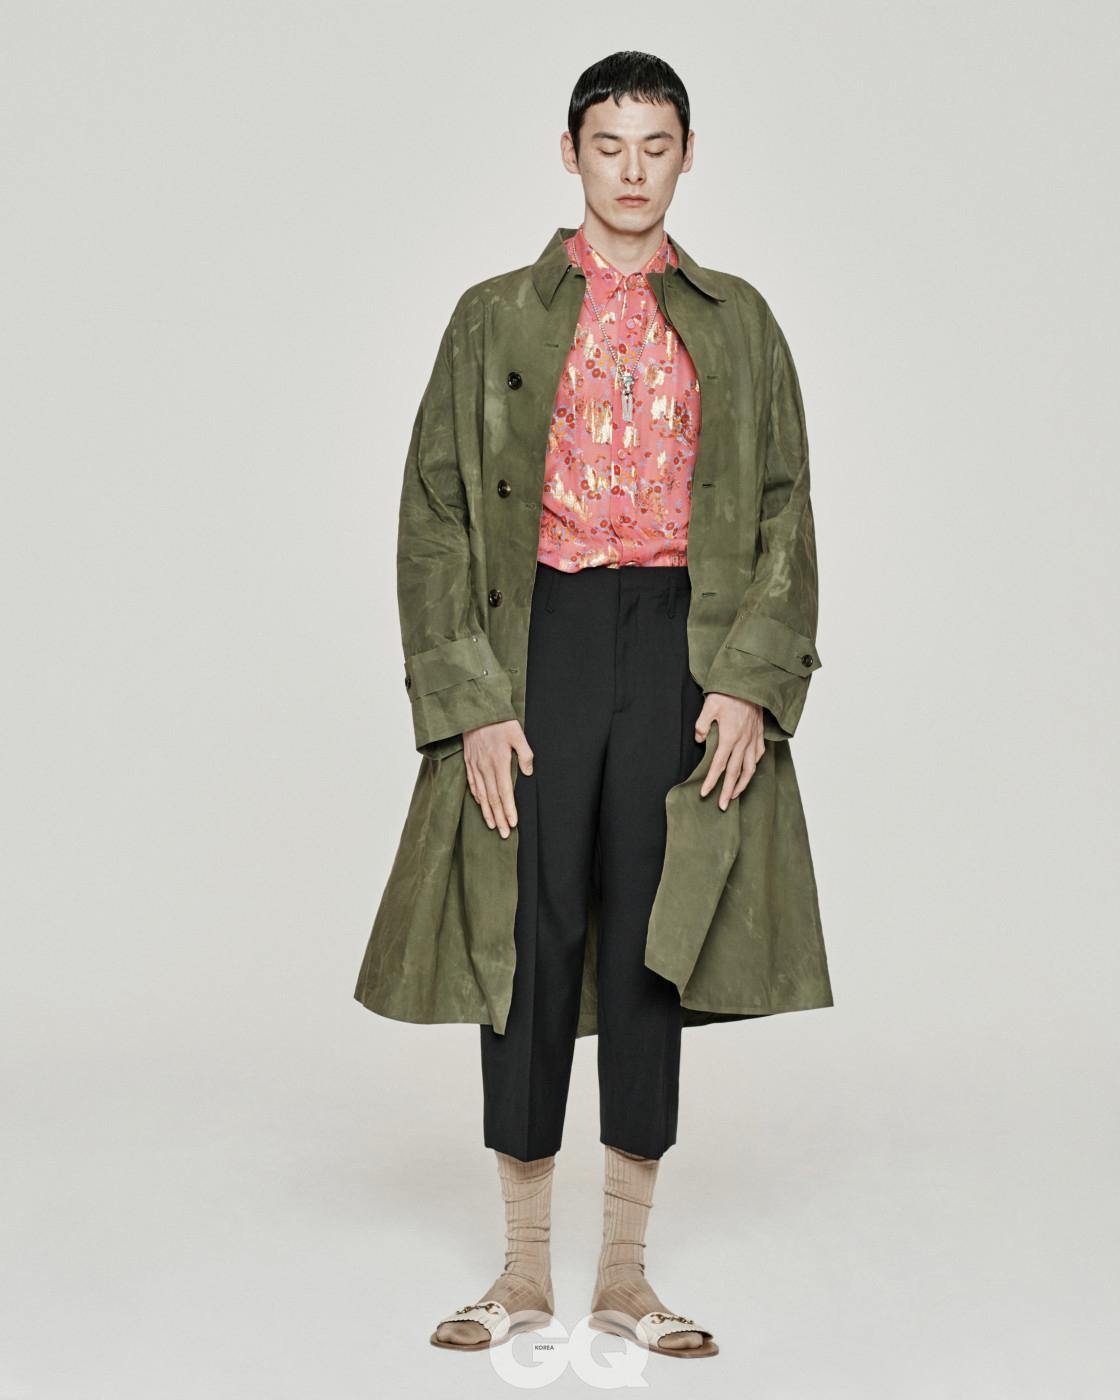 오버사이즈 코트 3백40만원, 꽃무늬 자카드 셔츠 1백40만원, 크롭트 팬츠 99만원, 슬리퍼 84만원, 소 펜던트 목걸이 1백8만원, 모두 구찌.